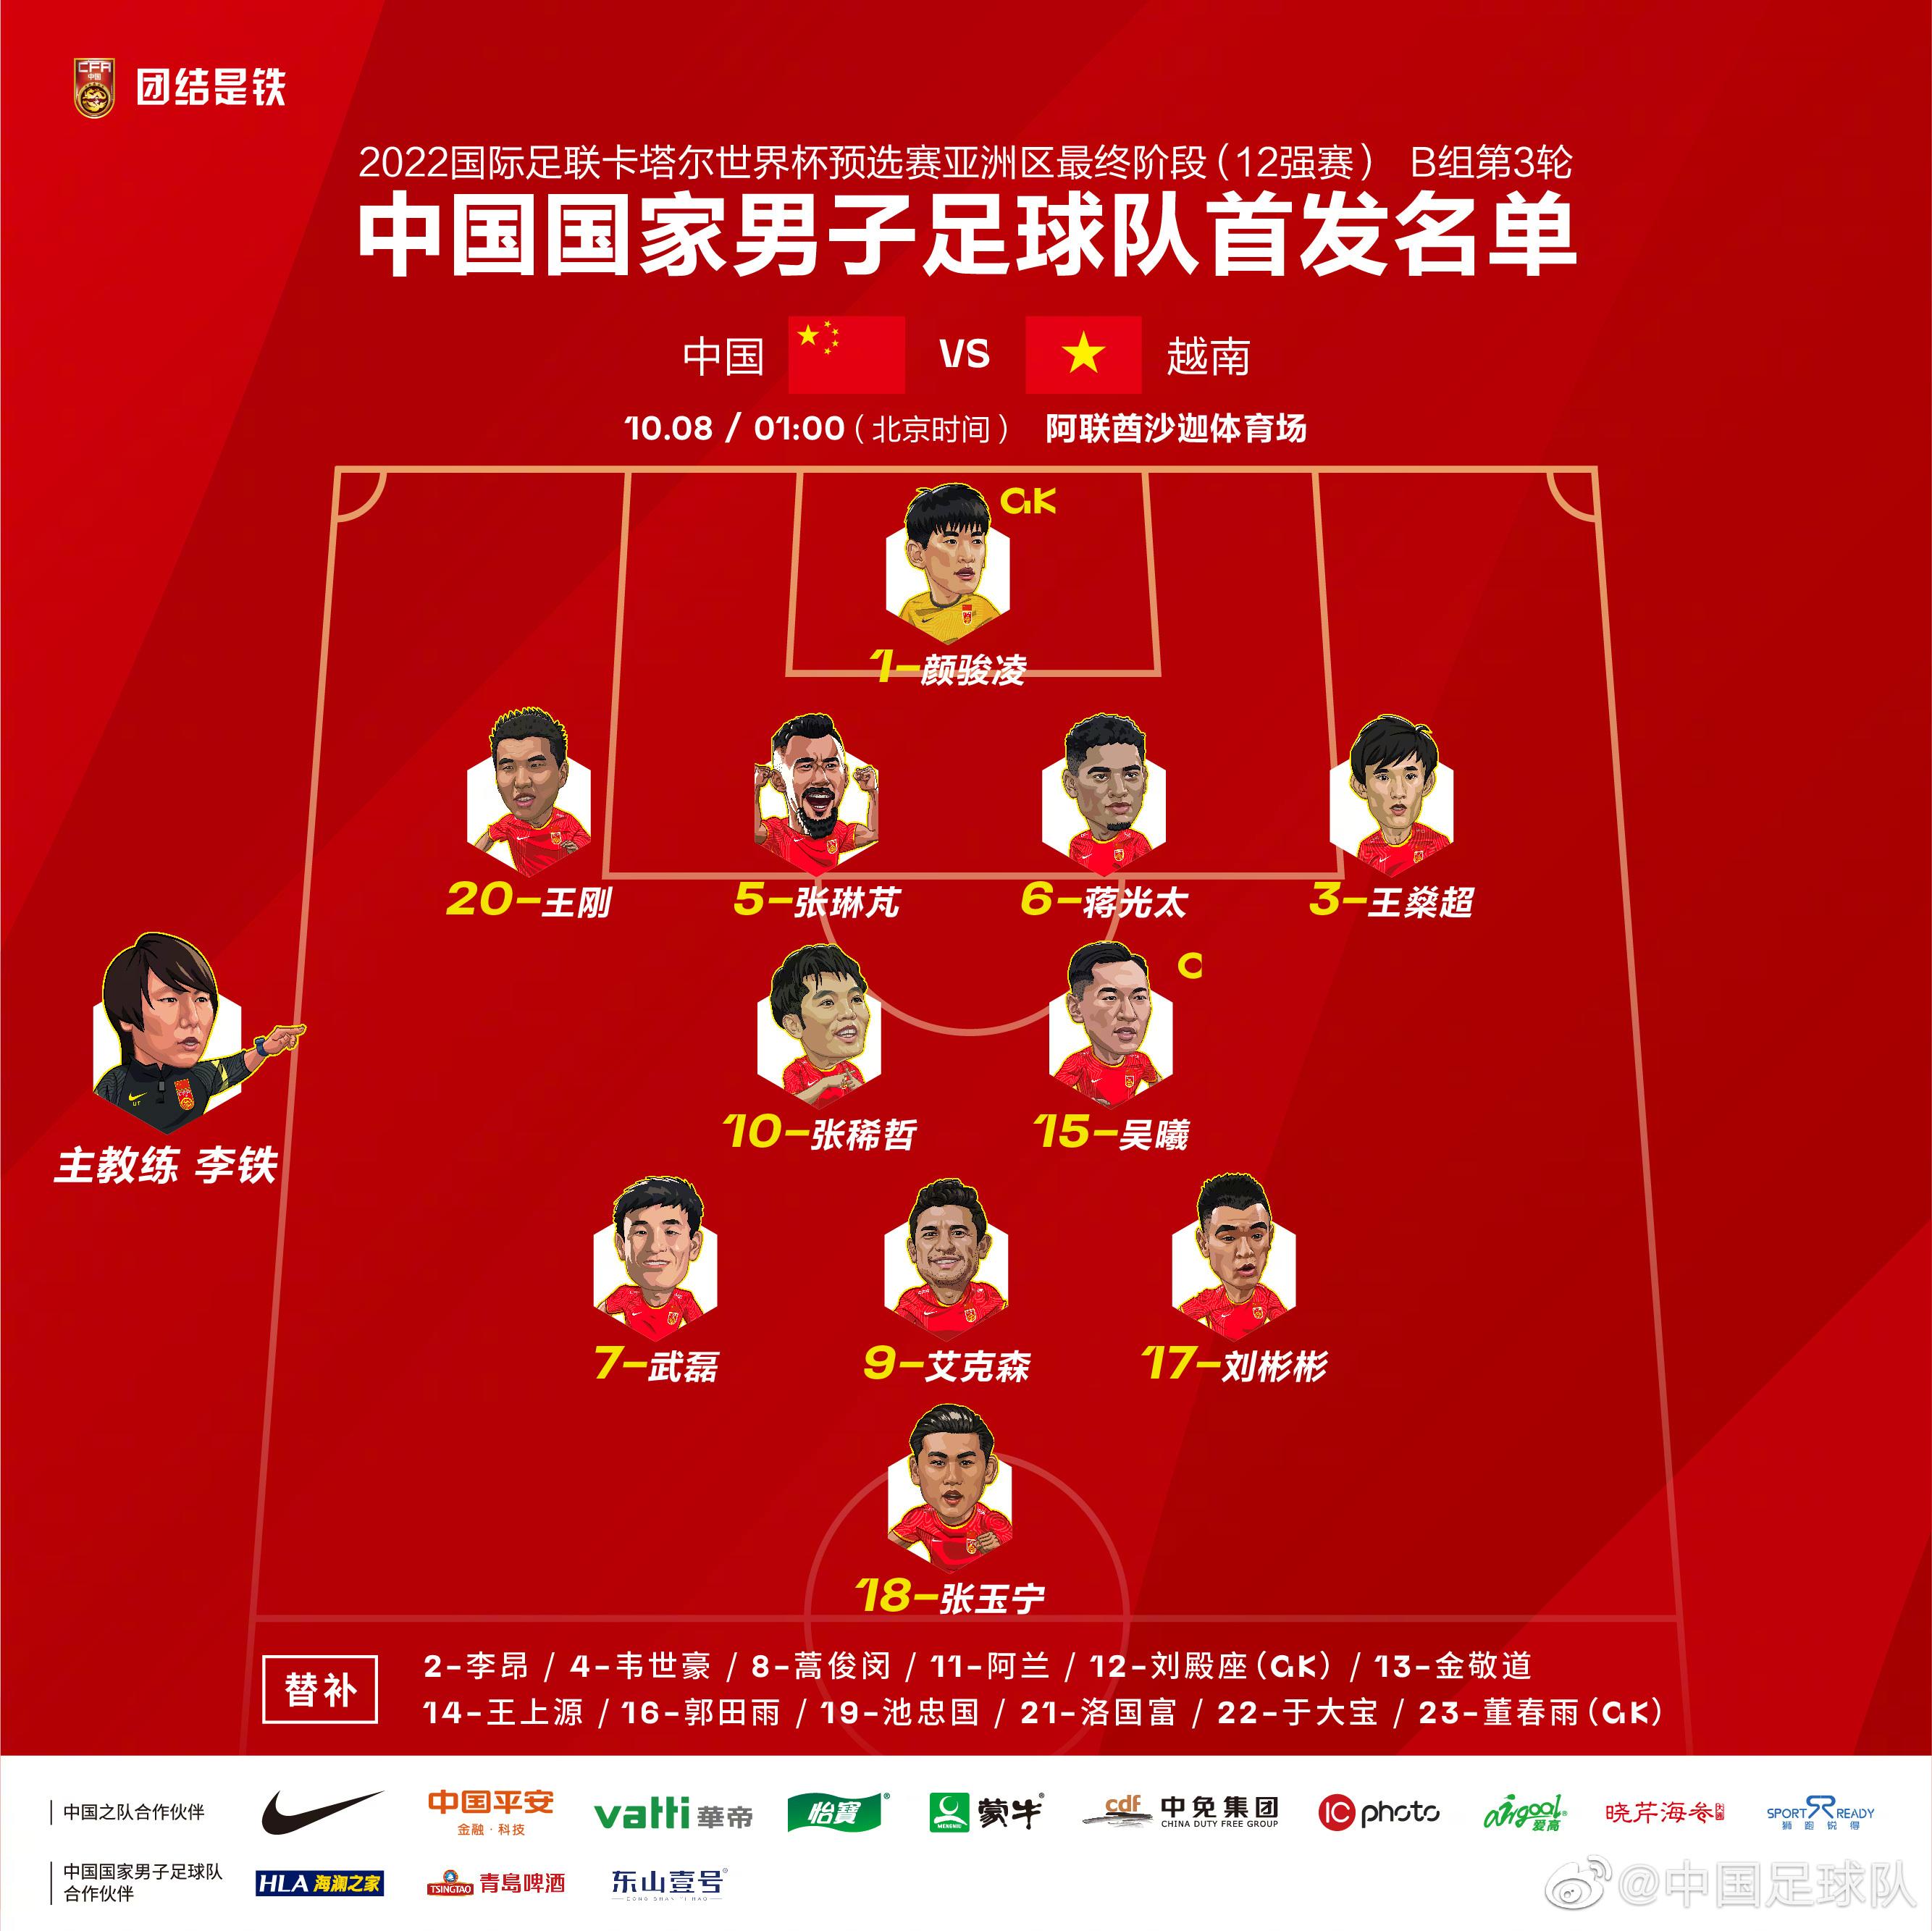 国足战越南首发阵容。图片来源:中国足球队。